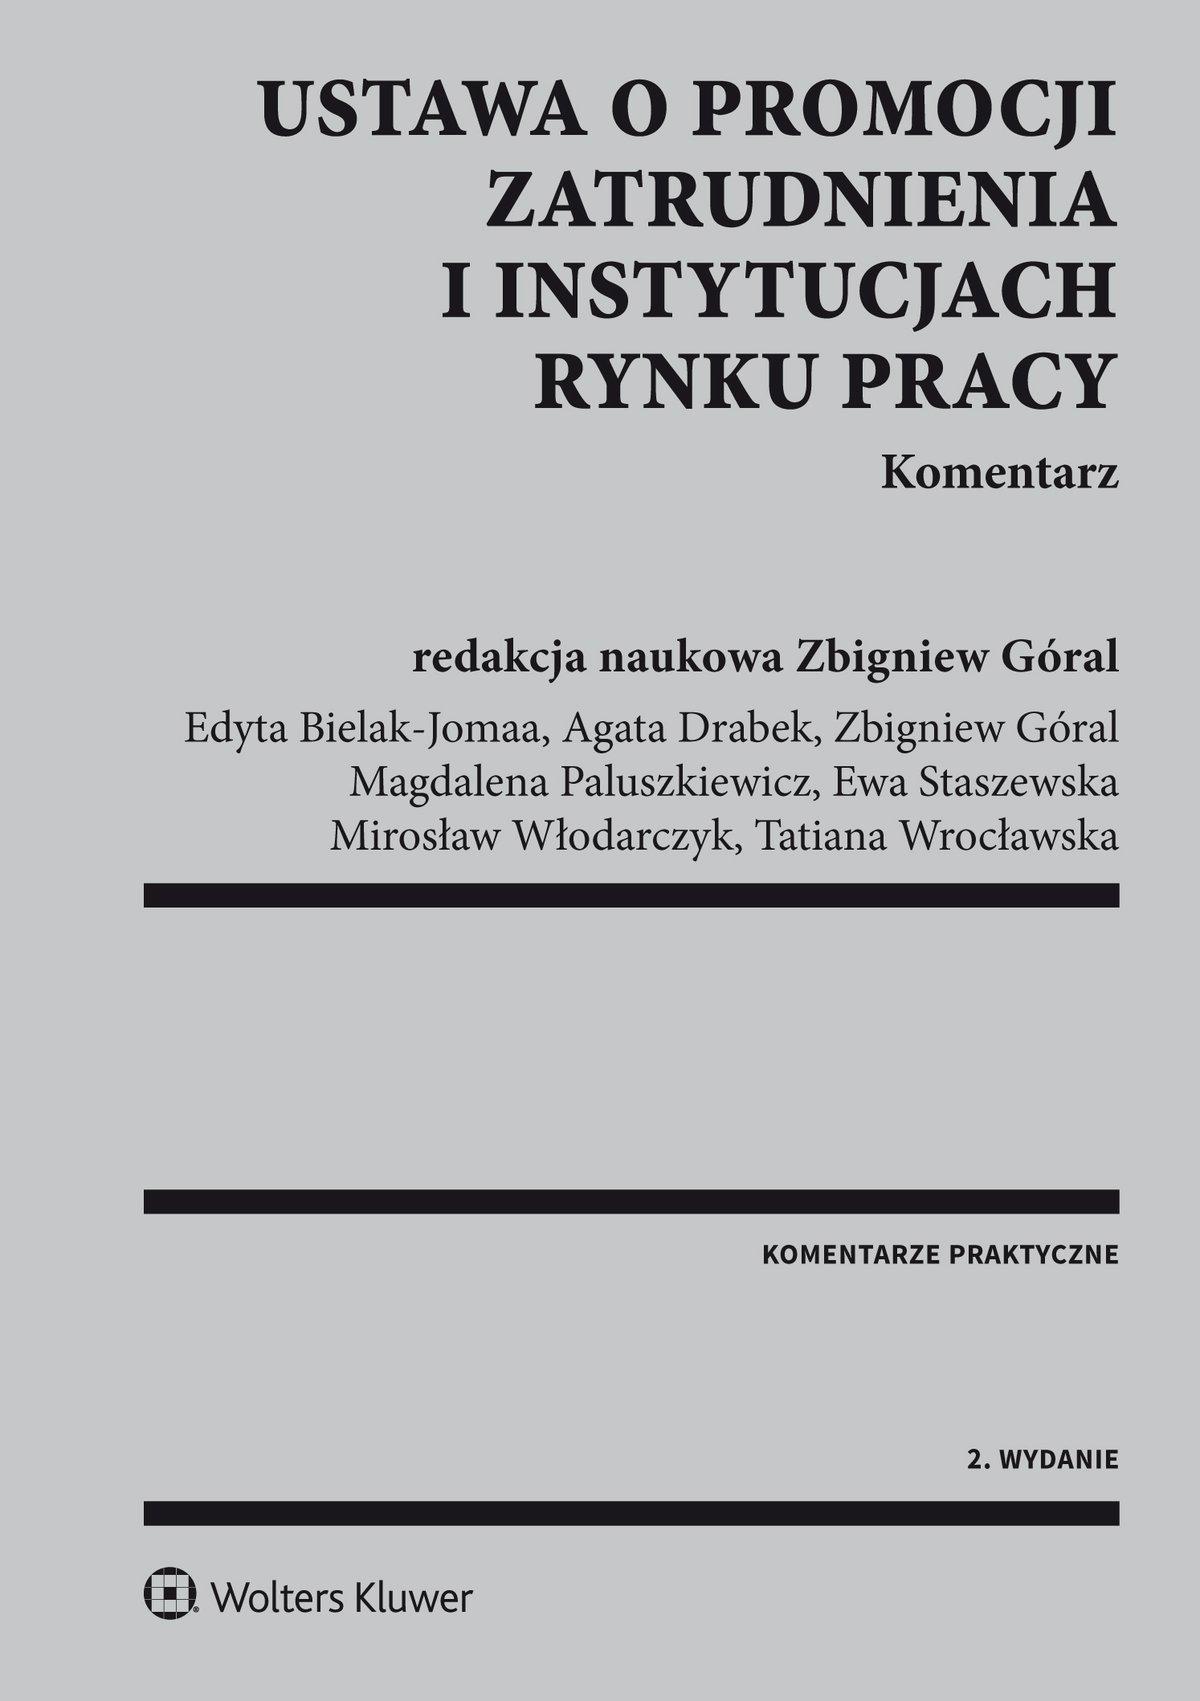 Ustawa o promocji zatrudnienia i instytucjach rynku pracy. Komentarz - Ebook (Książka PDF) do pobrania w formacie PDF